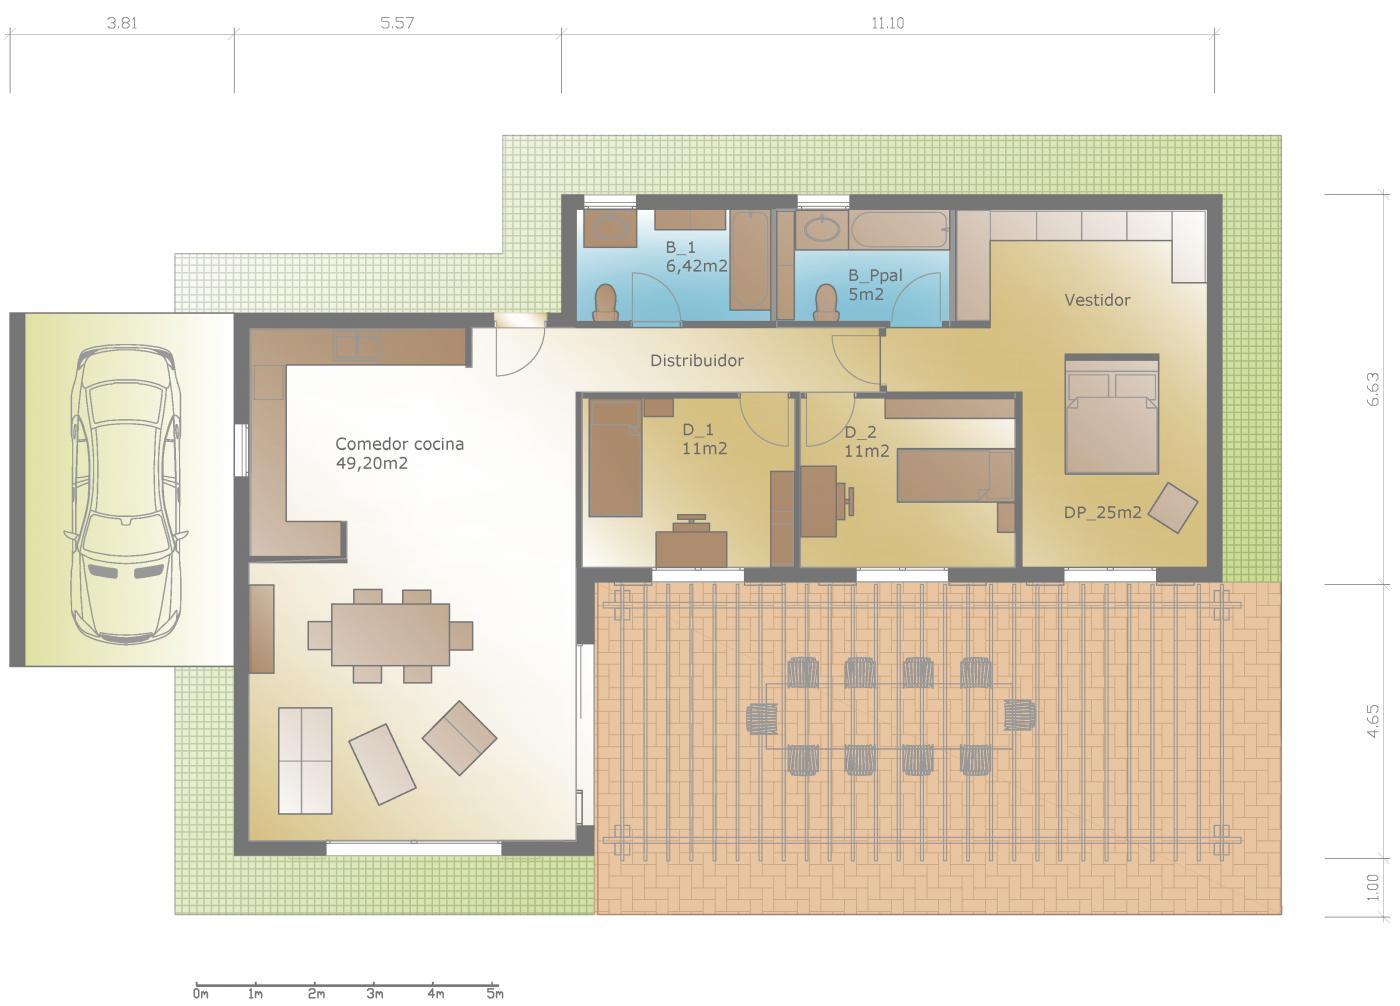 Plano de planta dise o casa rustica moderna construcci n casa aurora pinterest modern - Planos de casas de campo rusticas ...